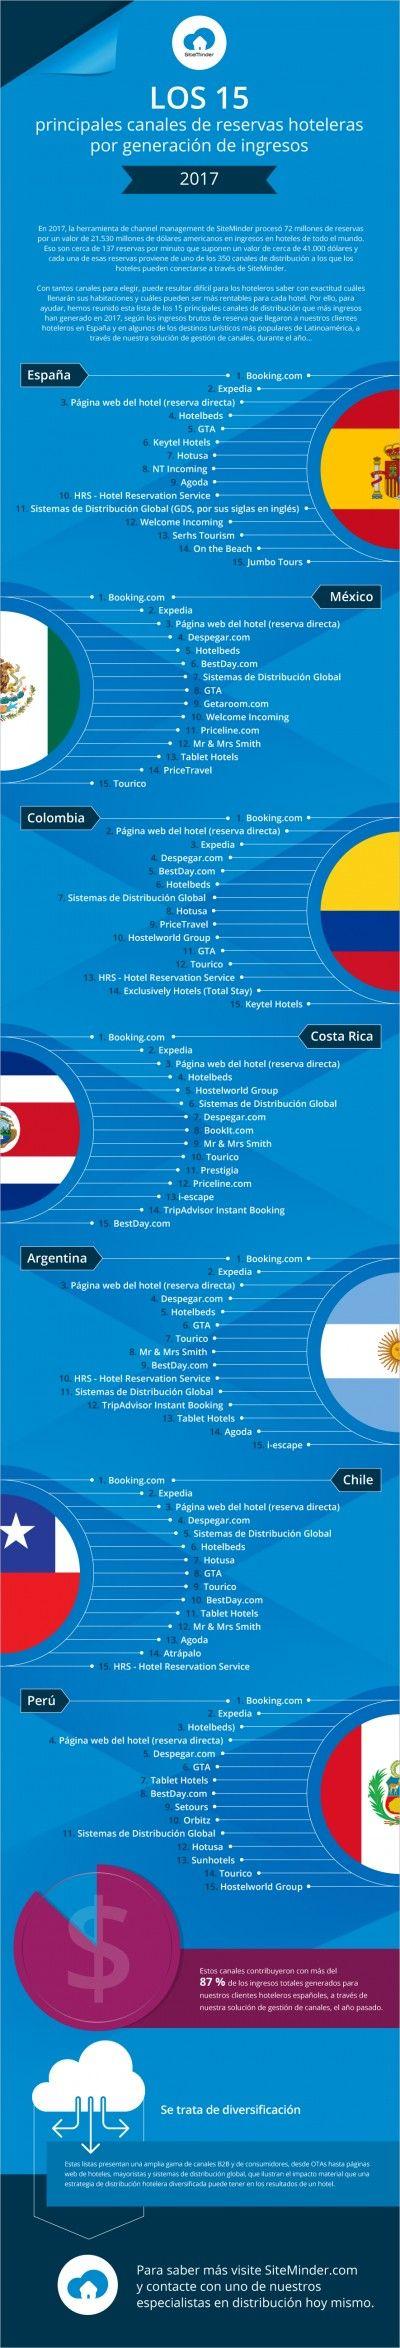 Booking, Expedia y venta directa, canales claves para los hoteles de Latinoamérica